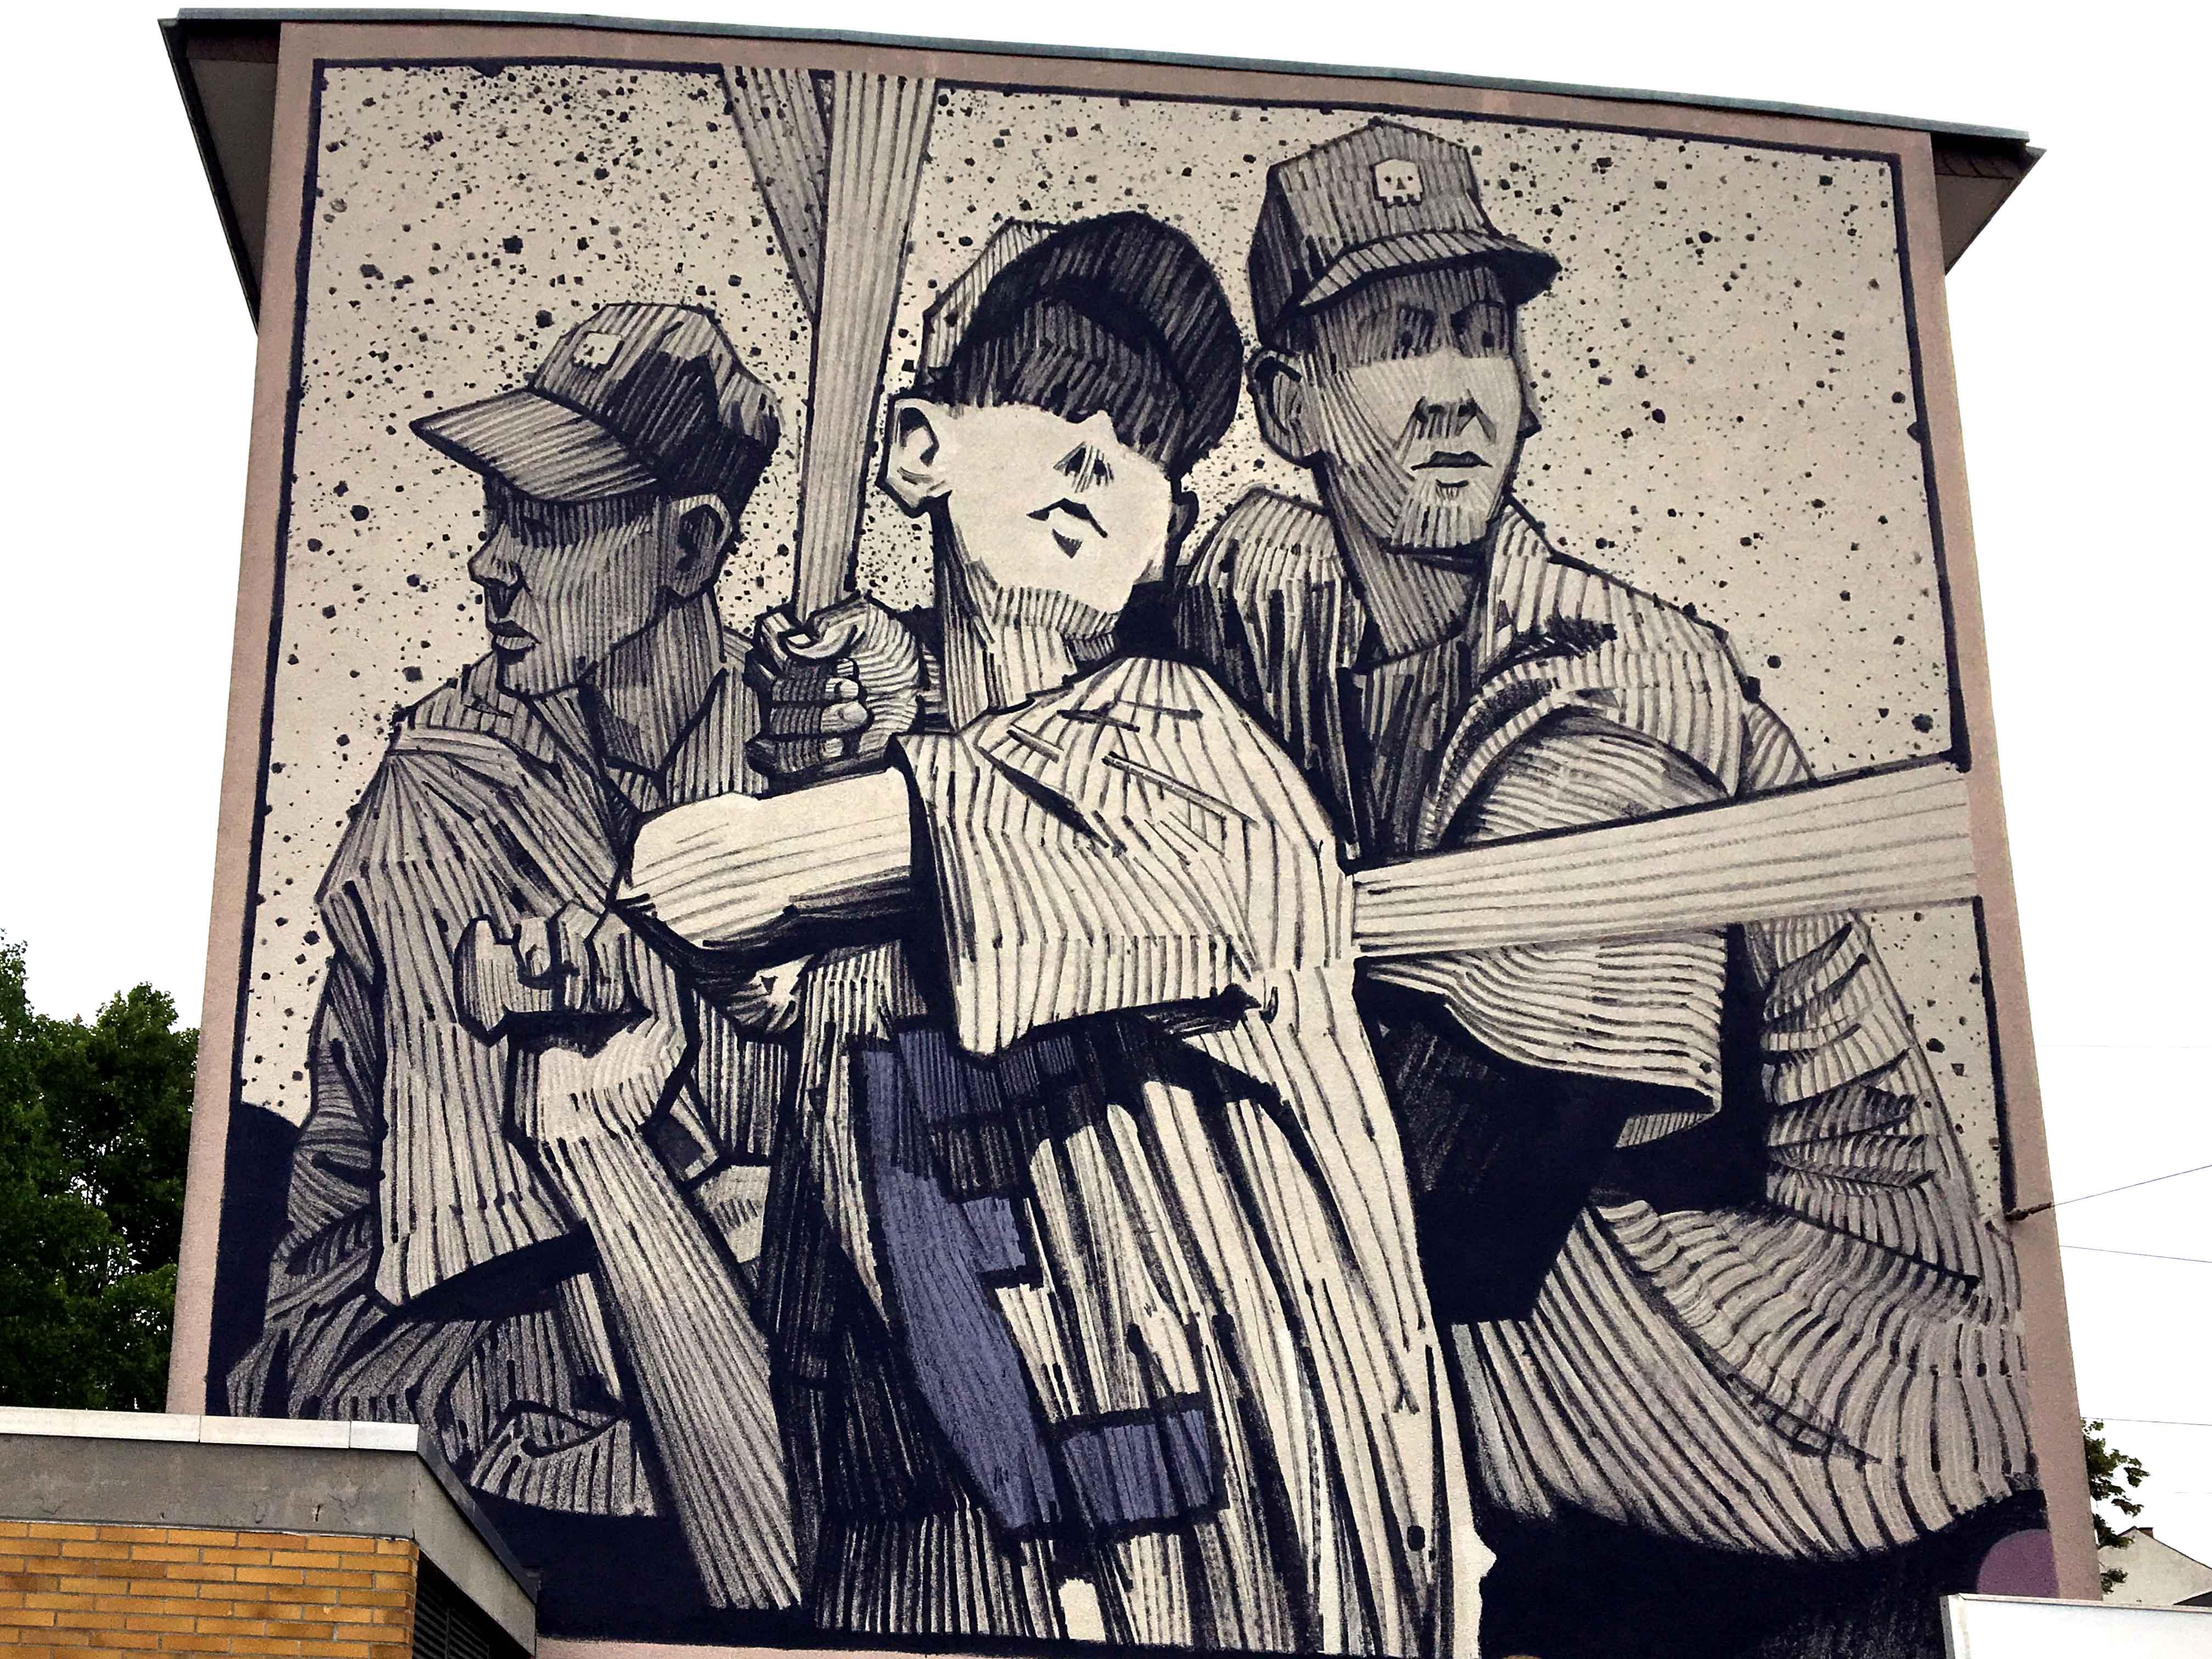 Mural von Sainer der einen Baseball Sketch zeigt